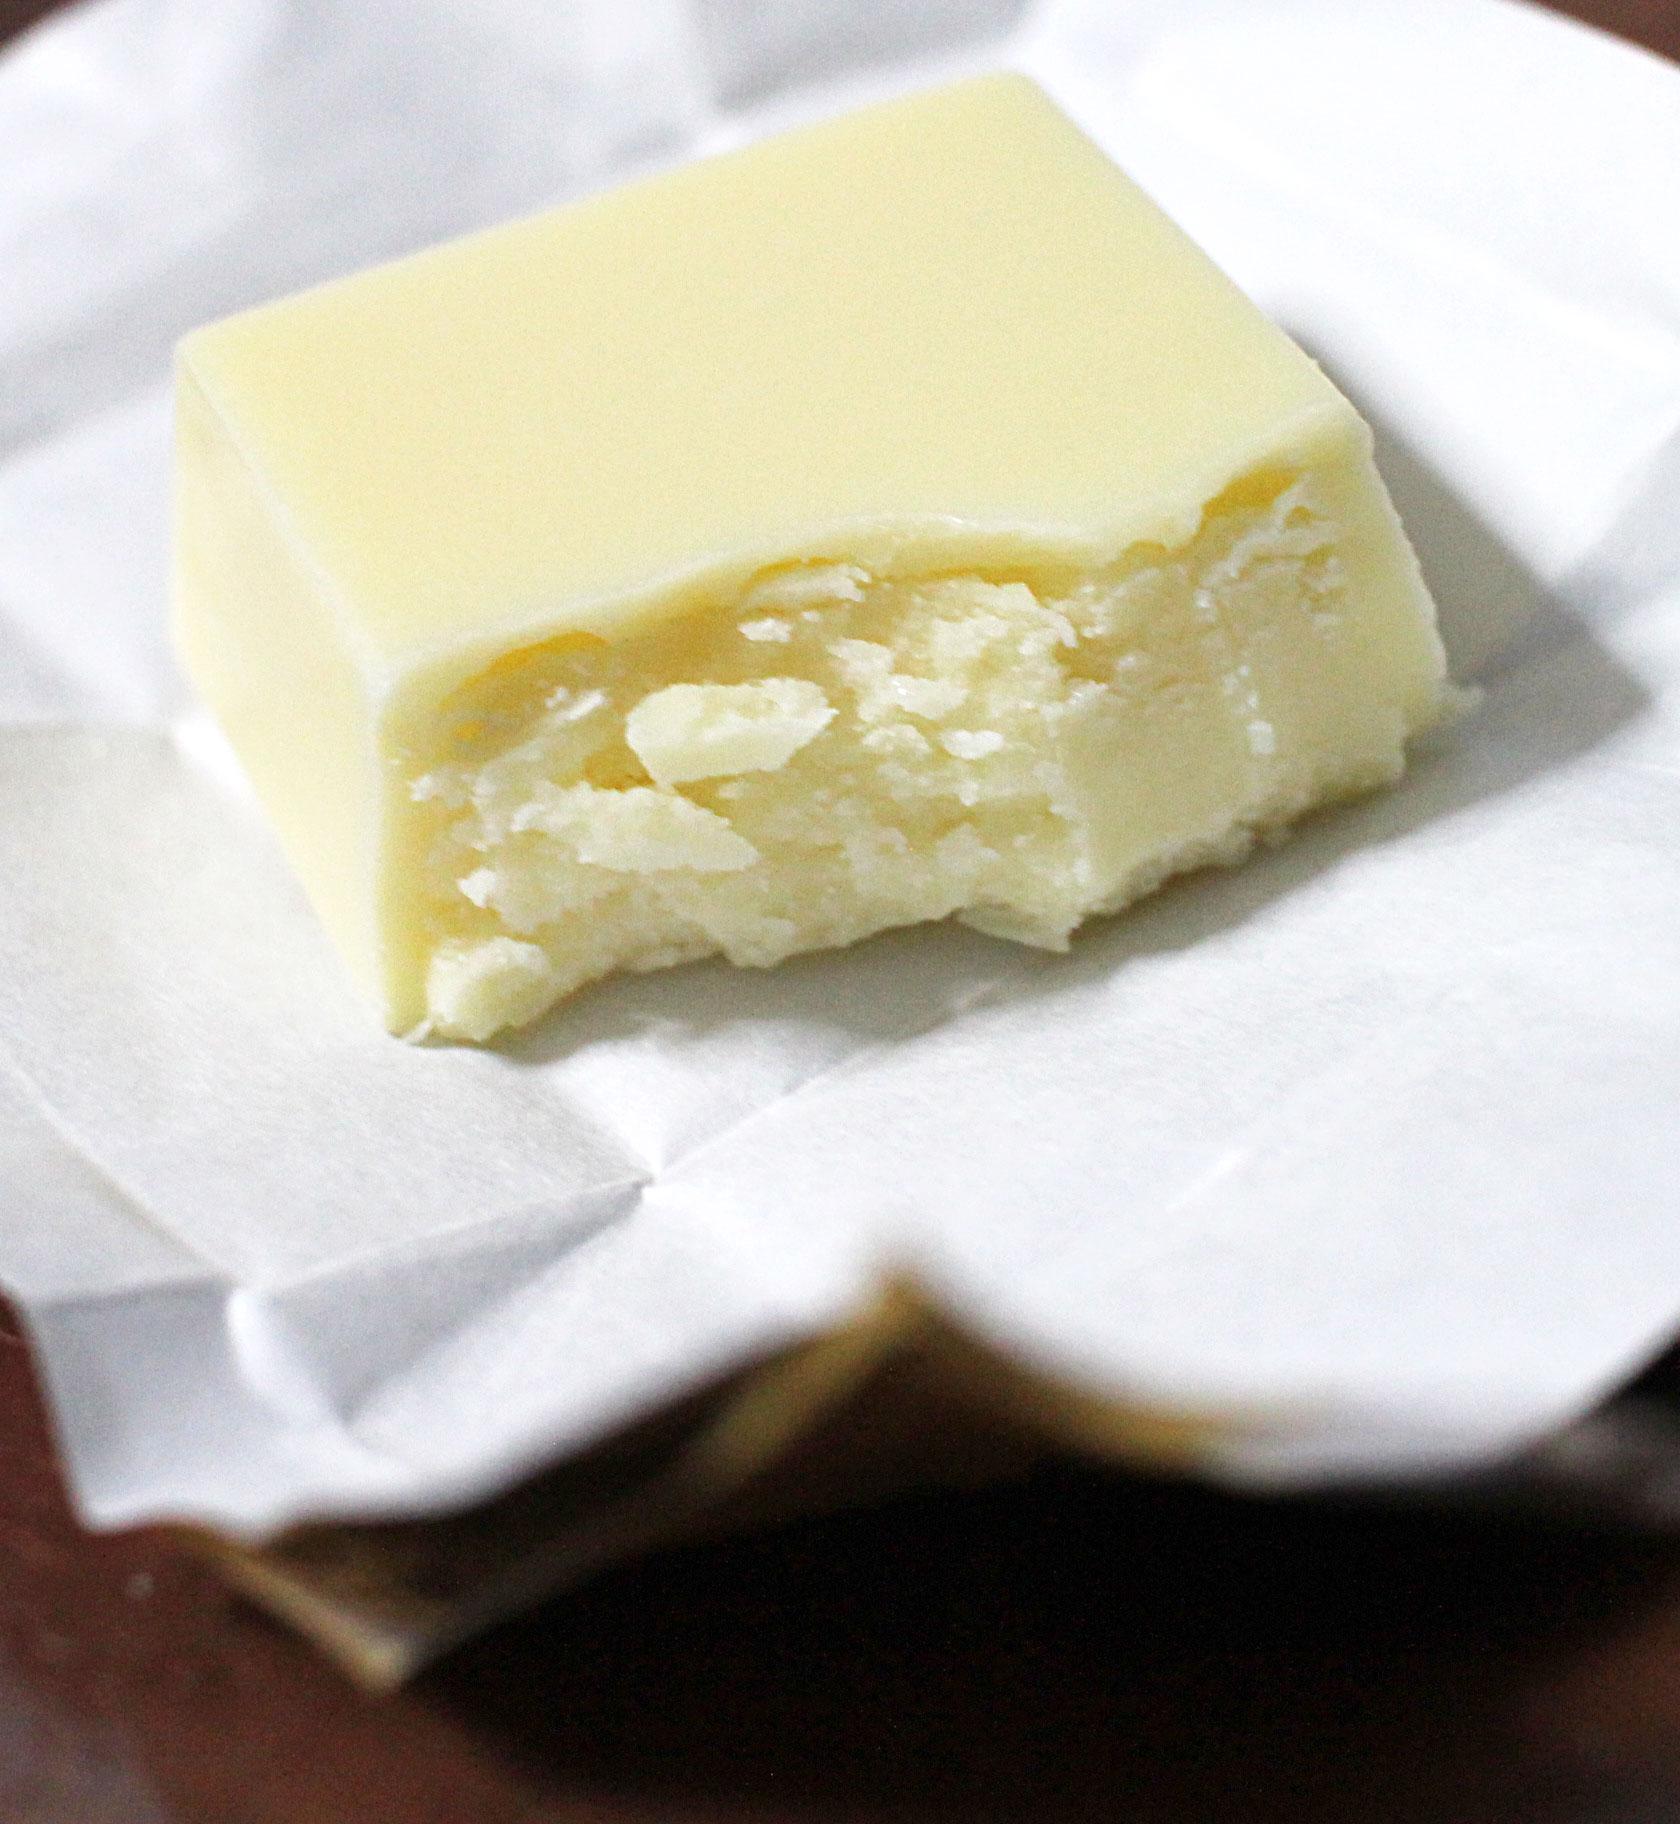 チロル・プレミアムチーズケーキの中は白一色だった